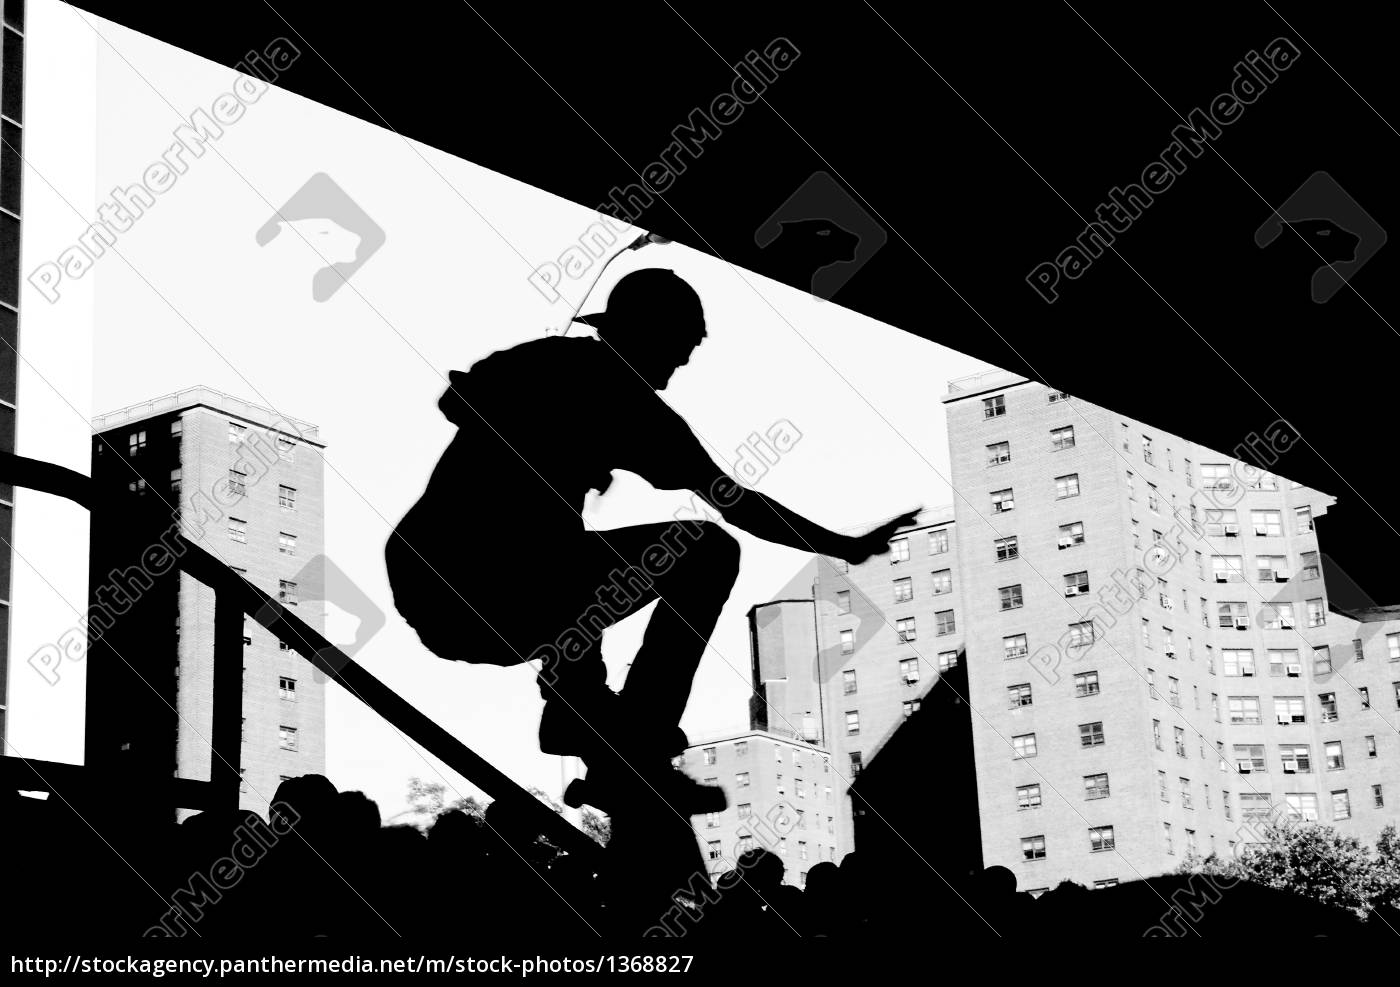 skateboarder - 1368827